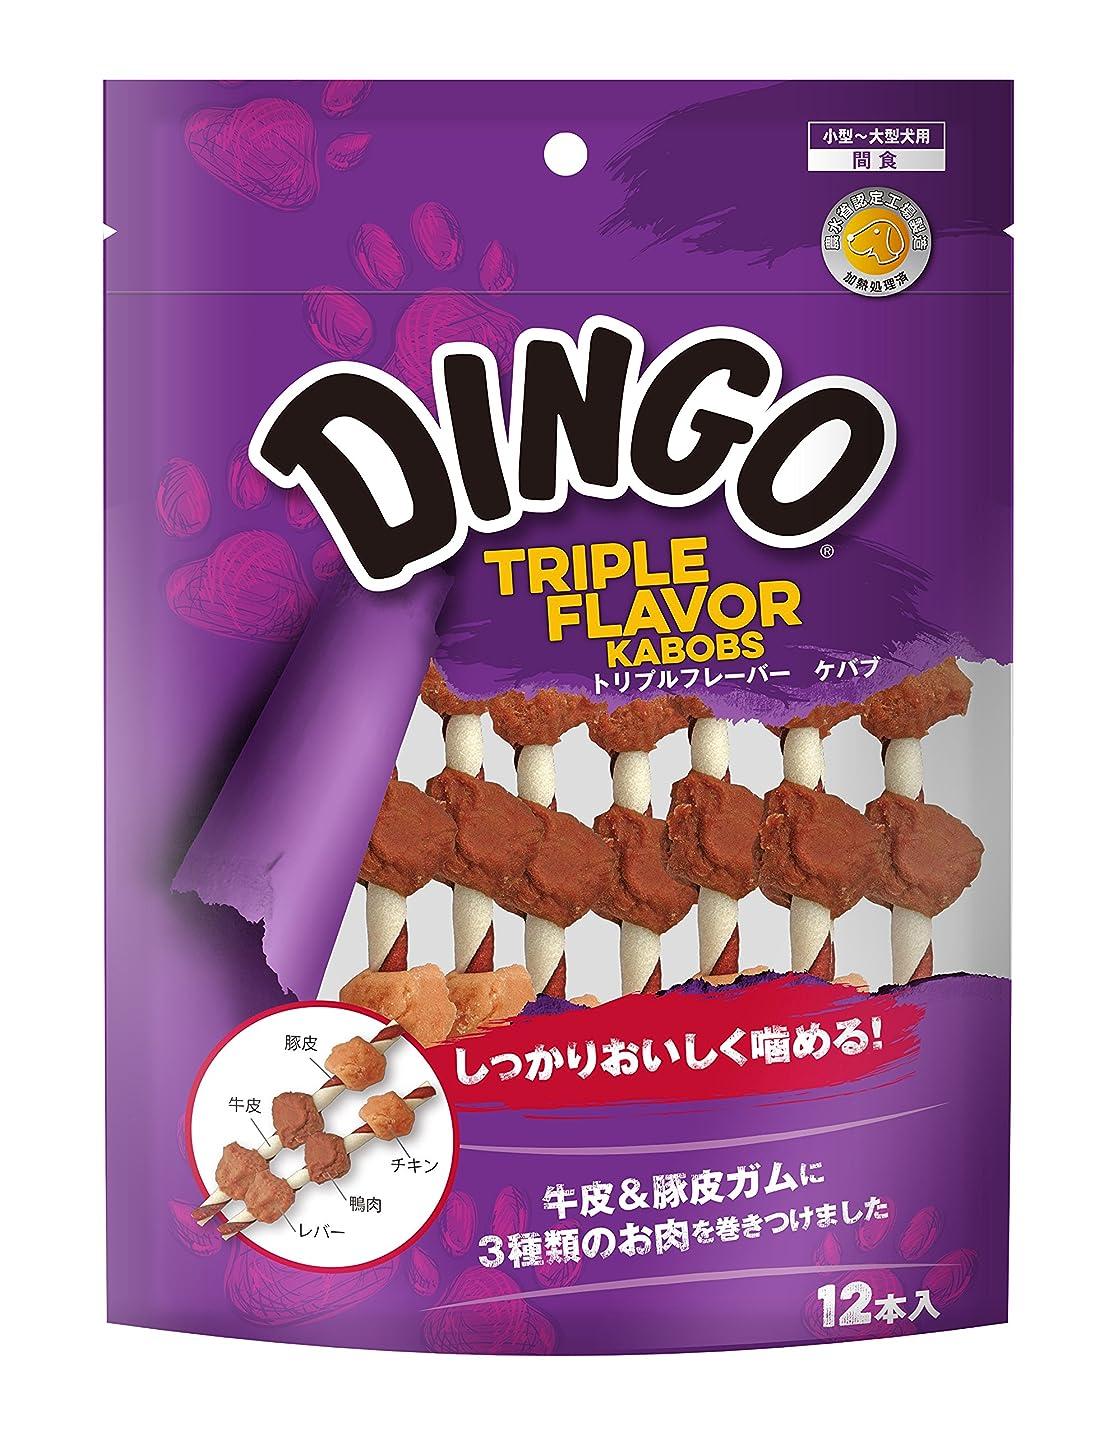 コンサートひらめきネクタイディンゴ (Dingo) チキンツイストガム 11本入